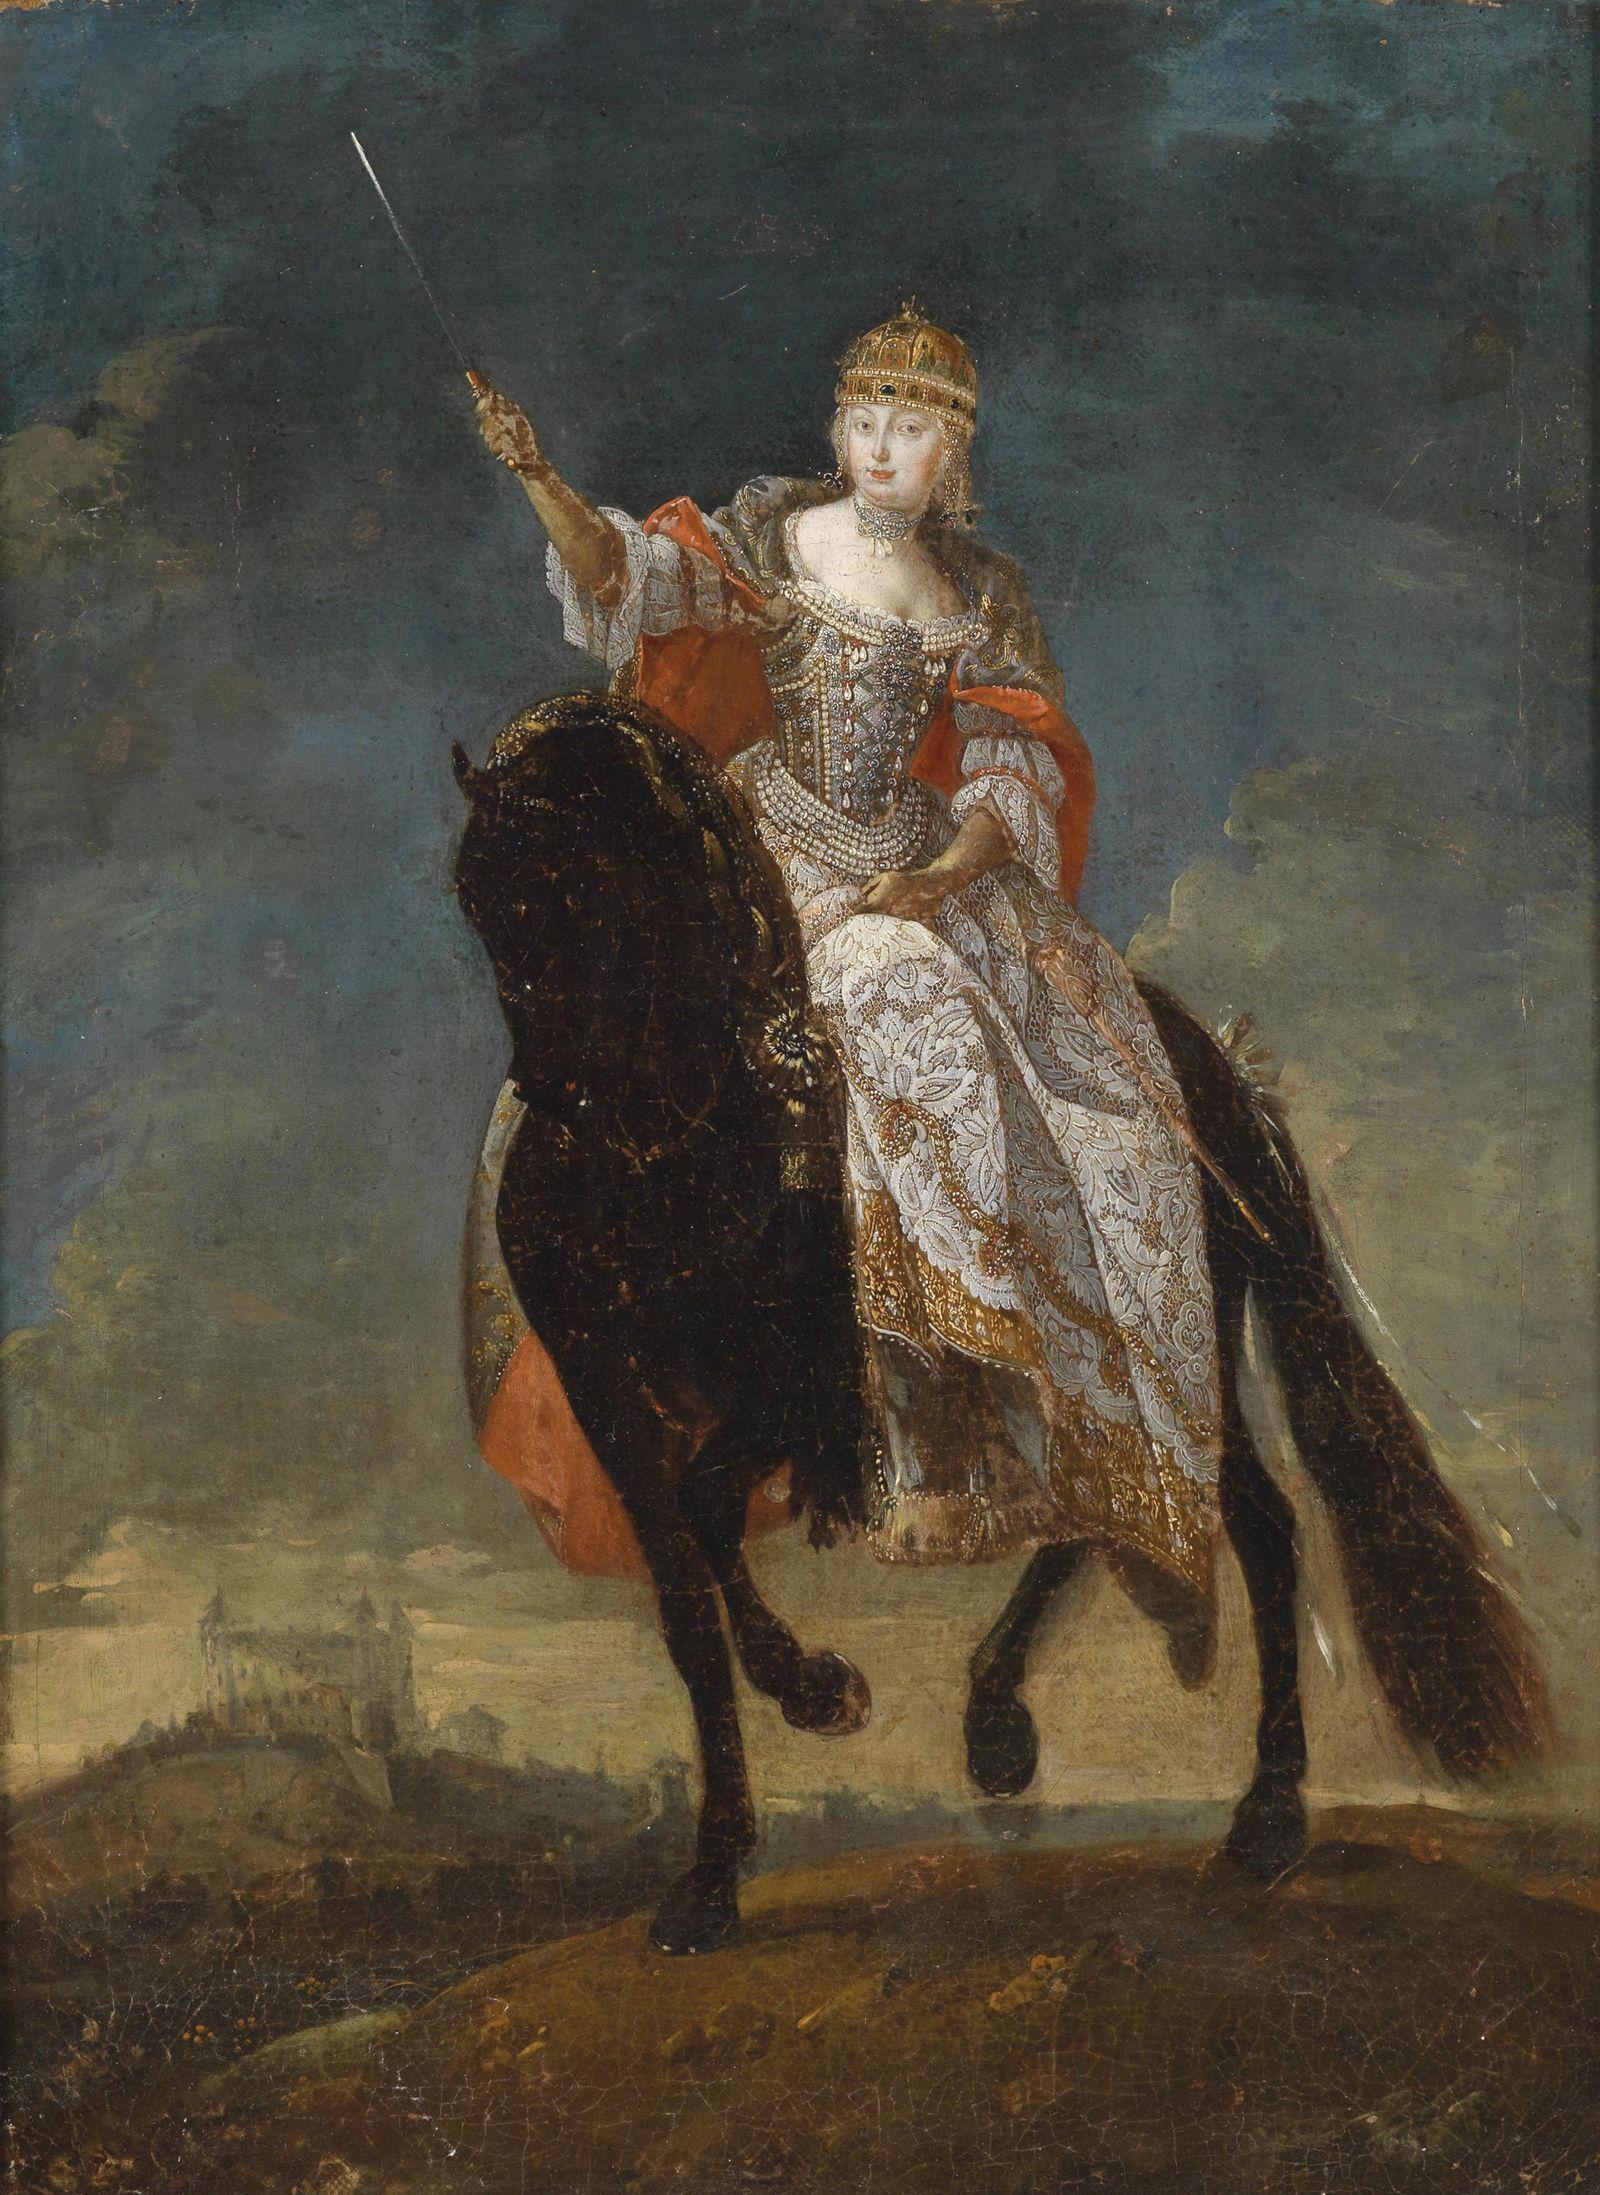 Kaiserin Maria Theresia von Österreich